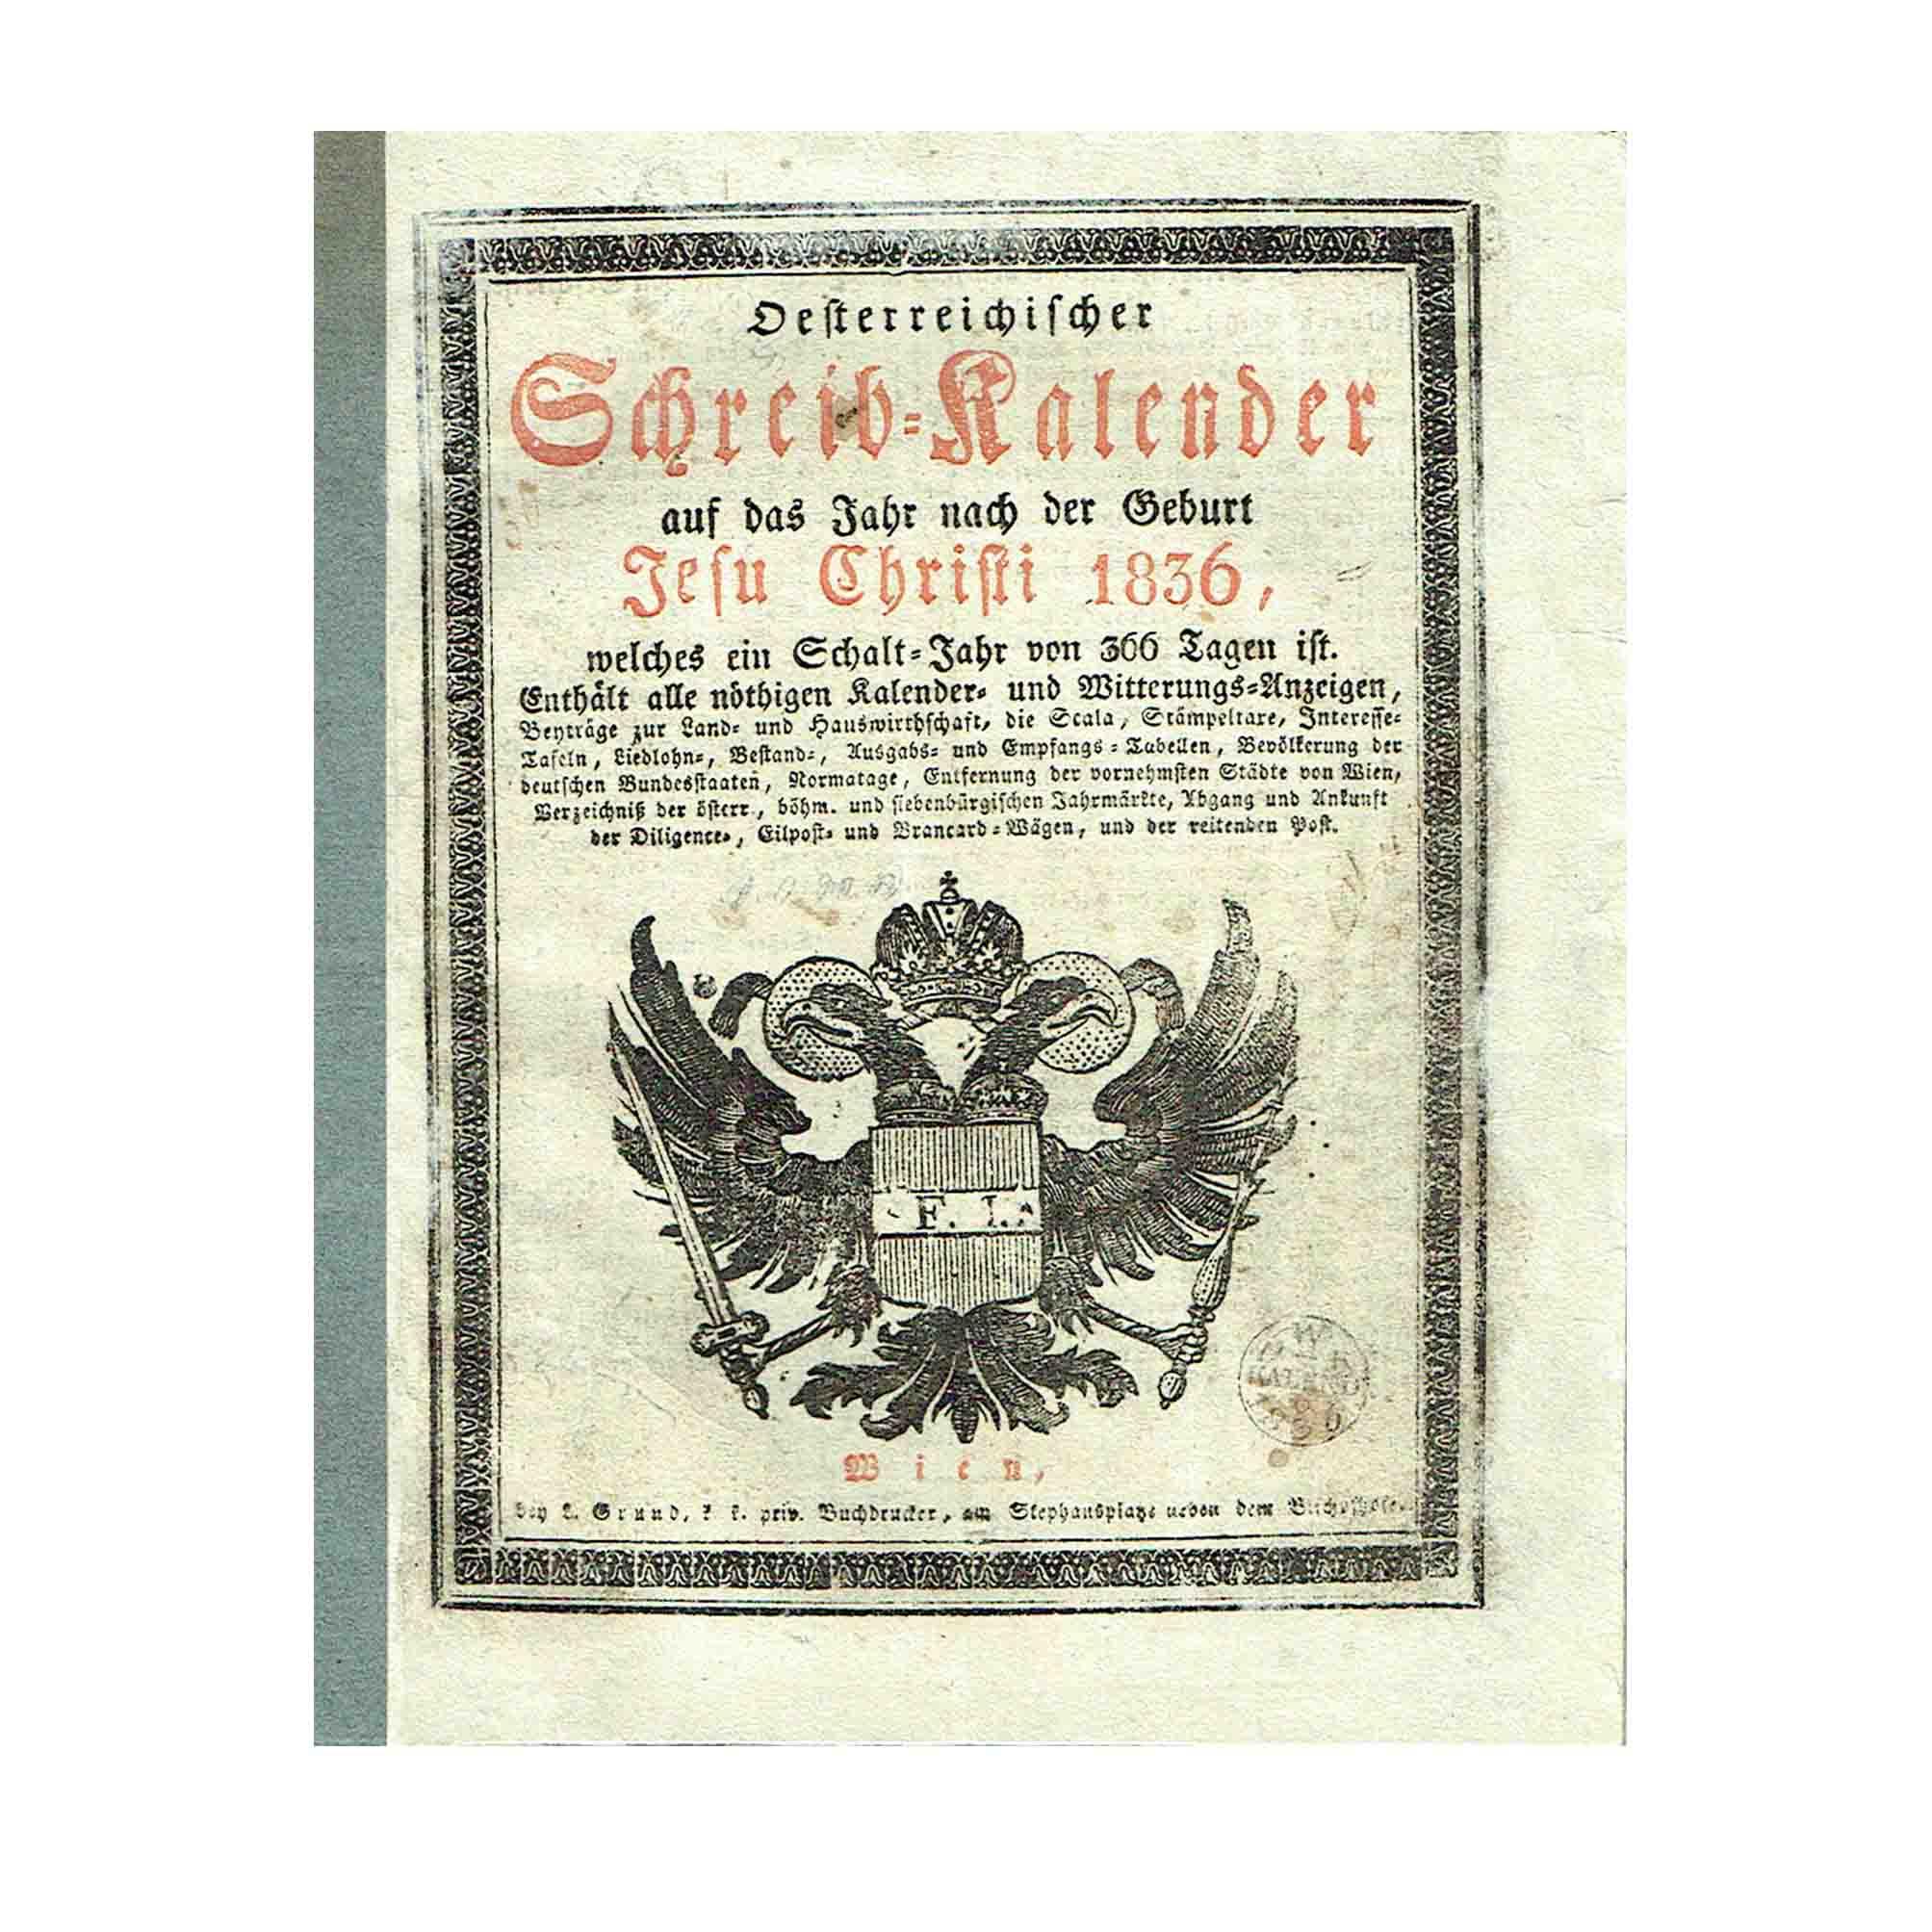 5978-Oesterreichischer-Schreibkalender-1836-Titelblatt-N.jpeg